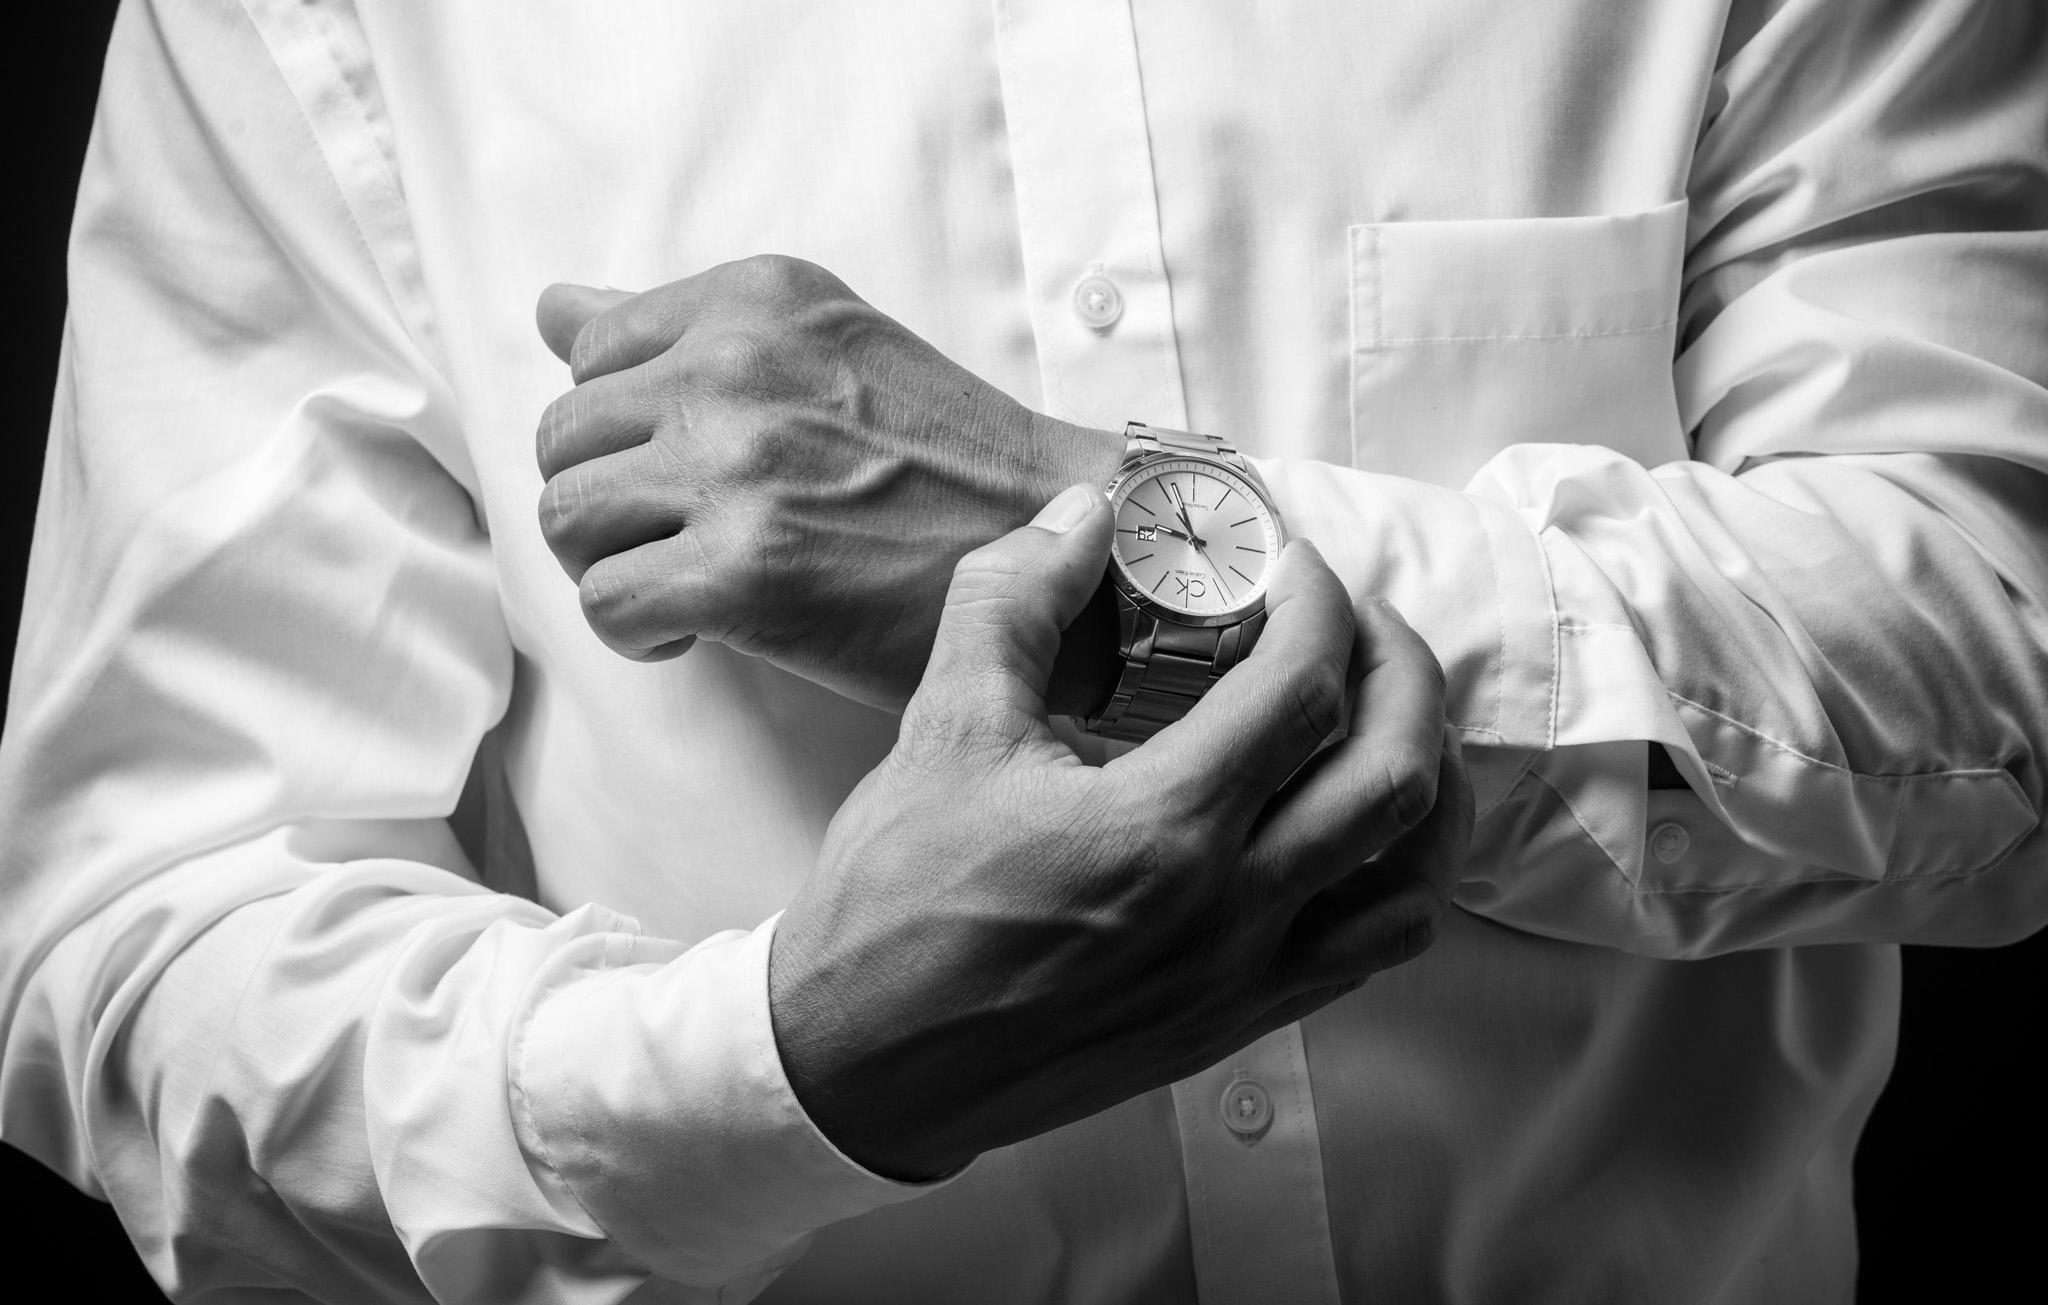 séance photo corporate, entreprise, chemise, montre, noir et blanc, mains, lumière